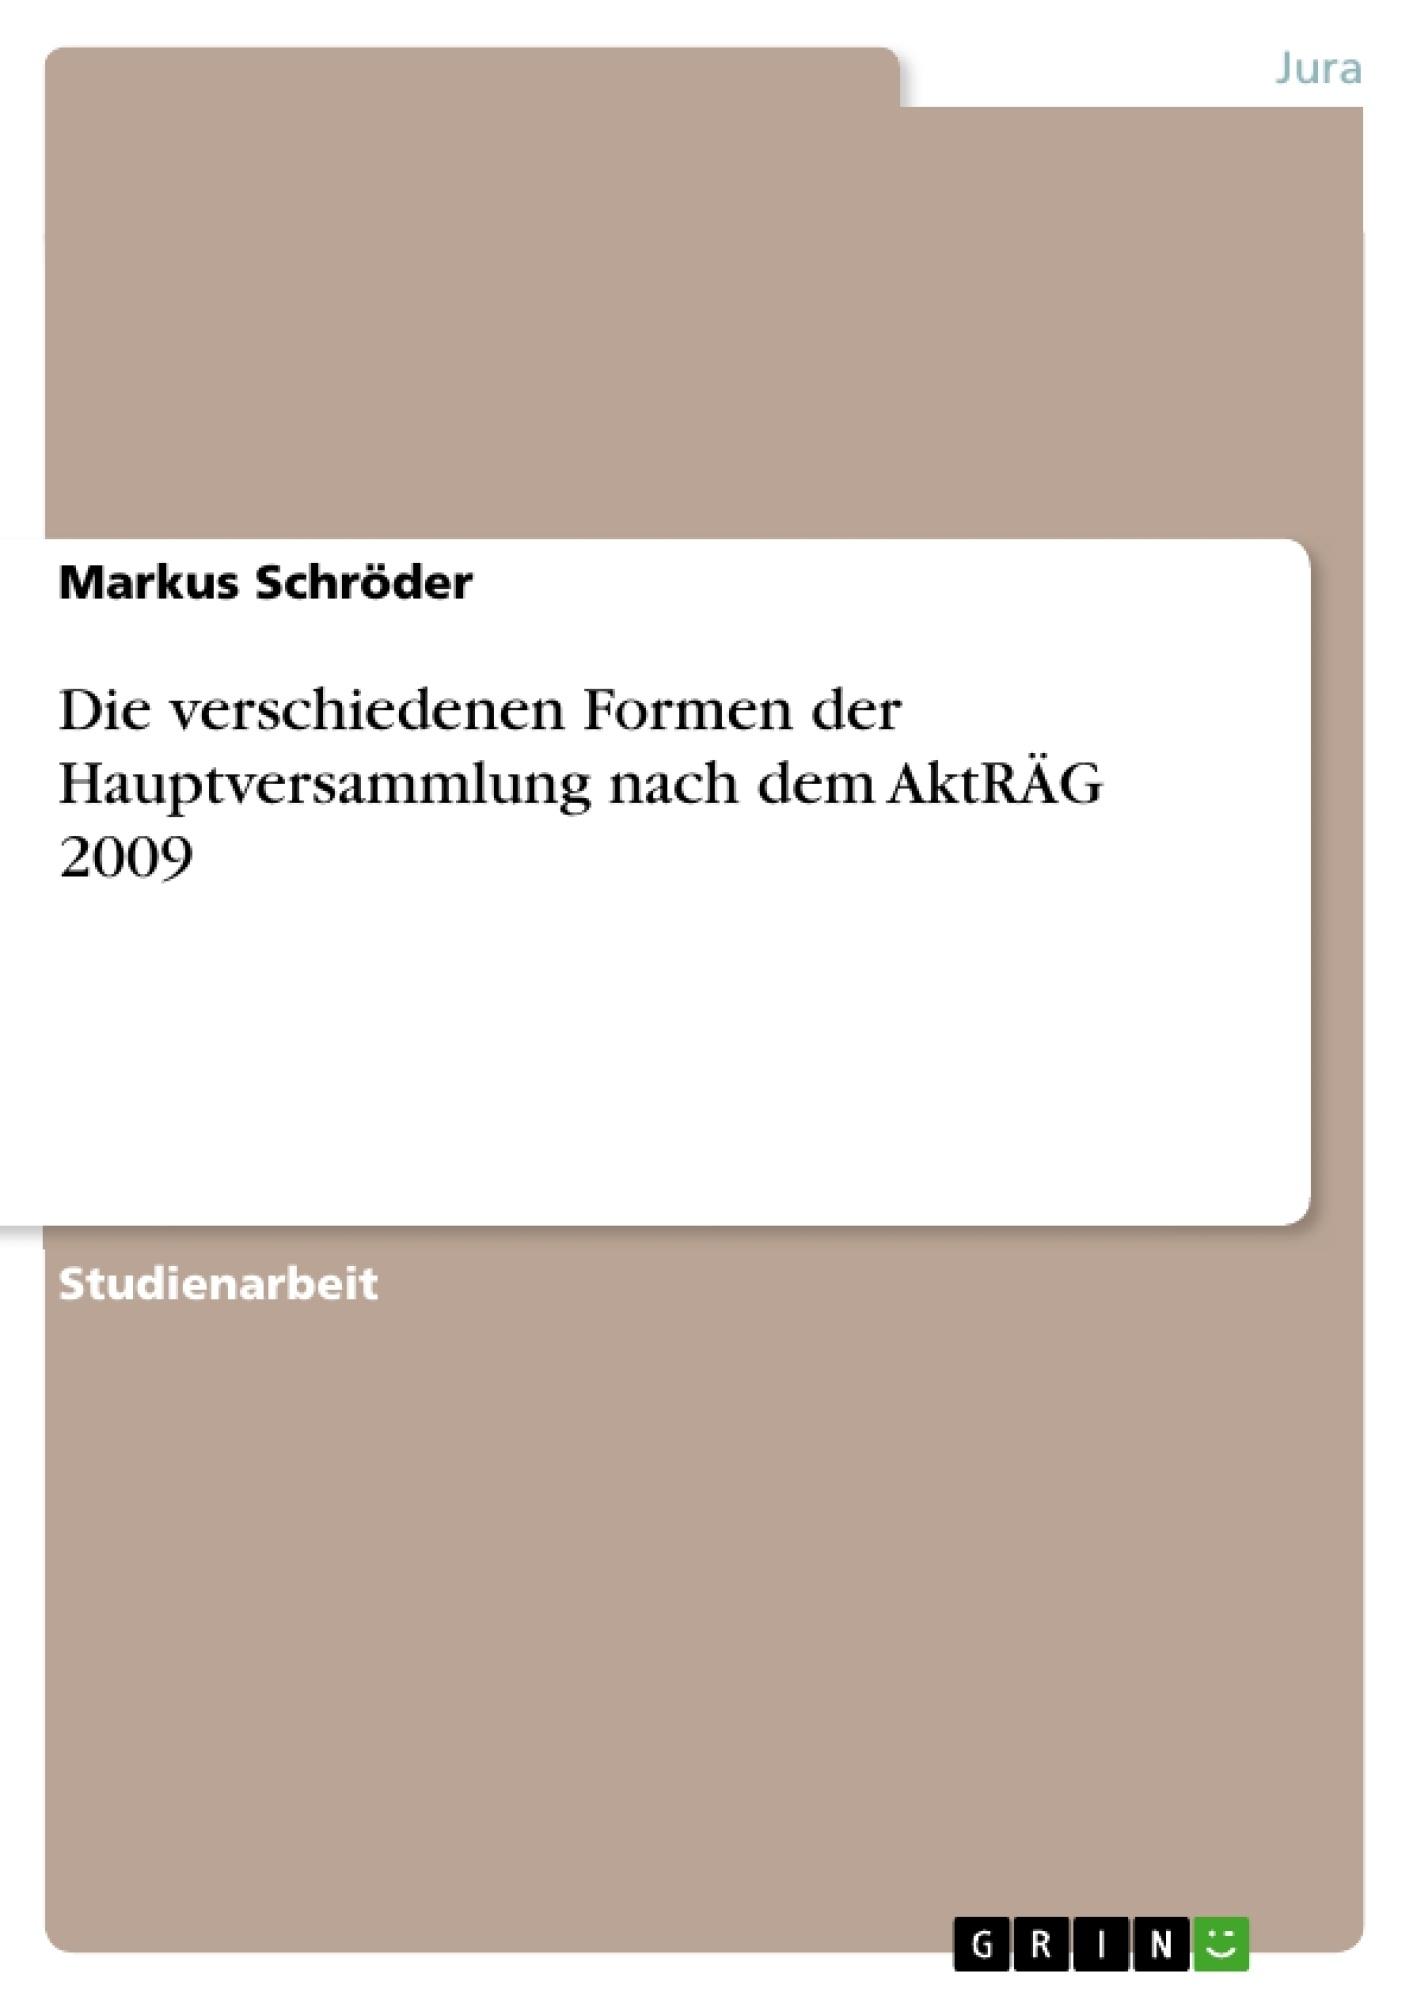 Titel: Die verschiedenen Formen der Hauptversammlung nach dem AktRÄG 2009